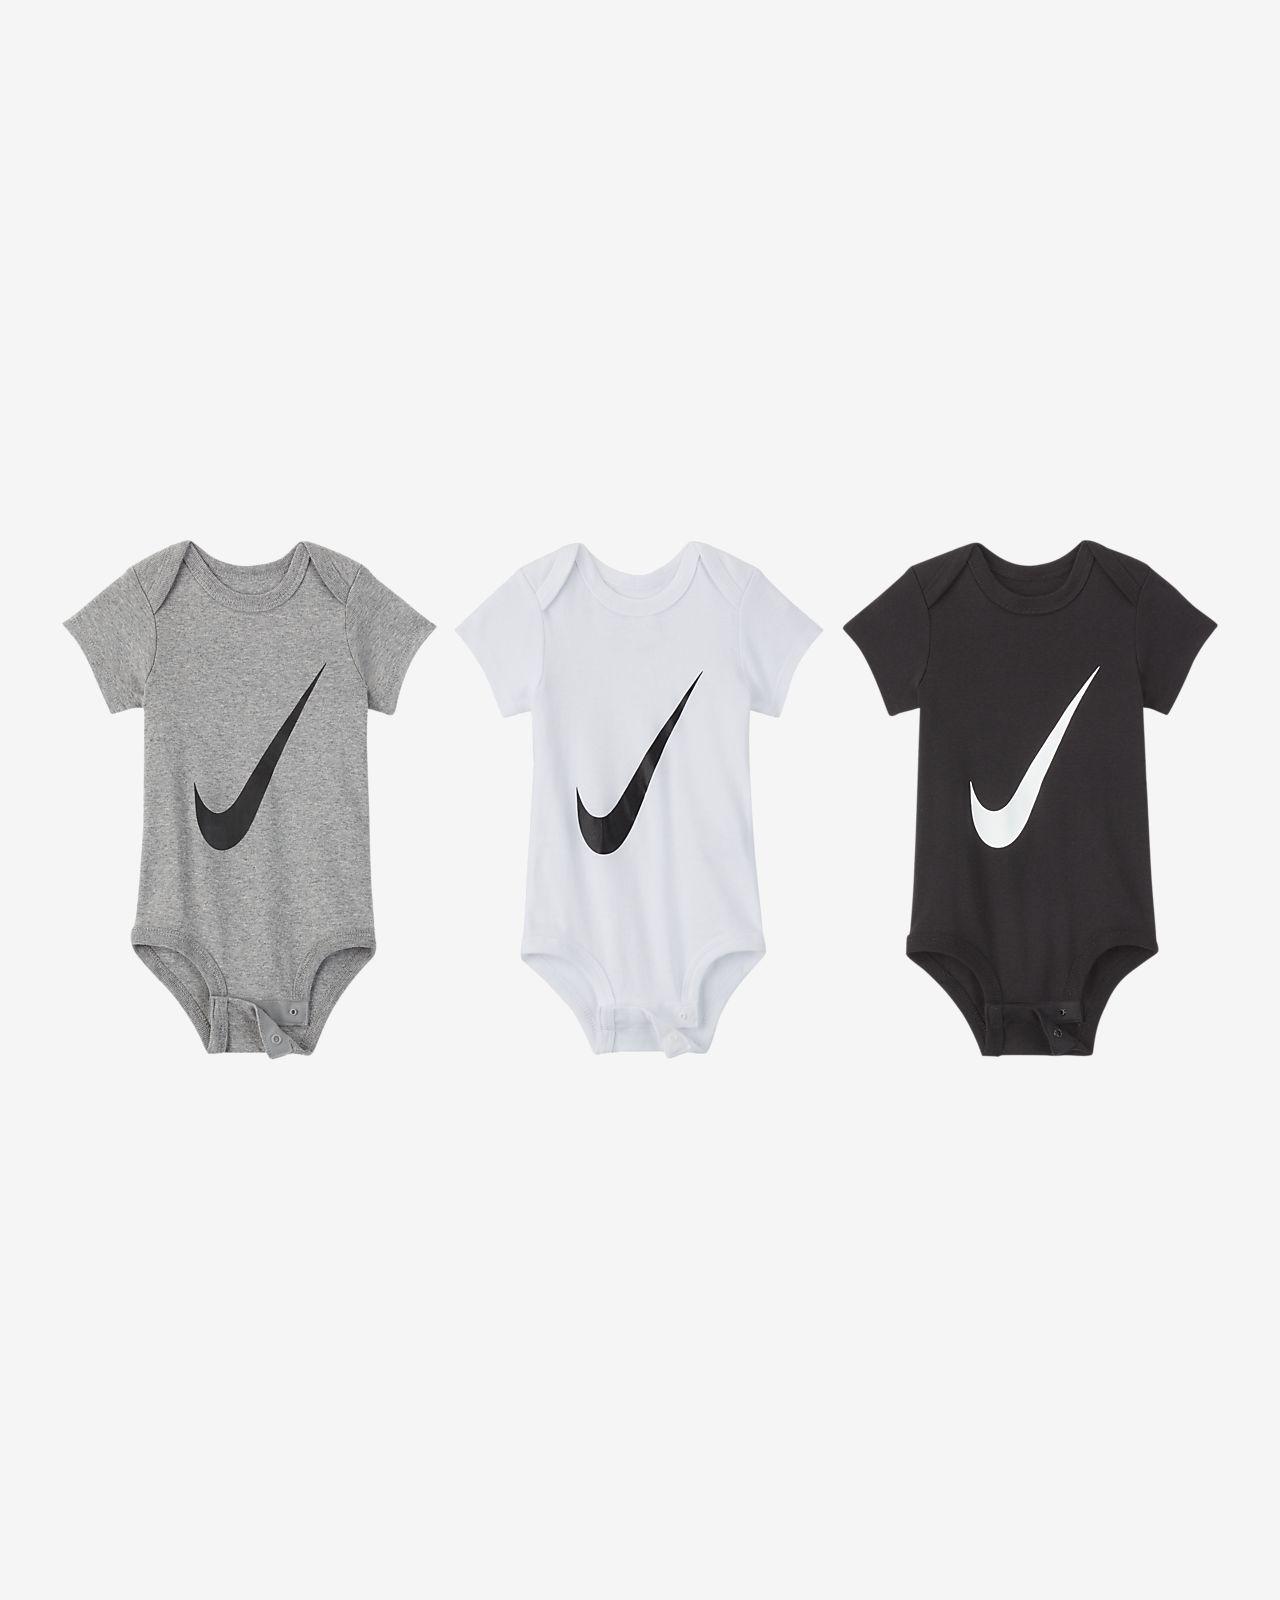 Σετ ολόσωμα φορμάκια Nike για βρέφη (3 τεμάχια)